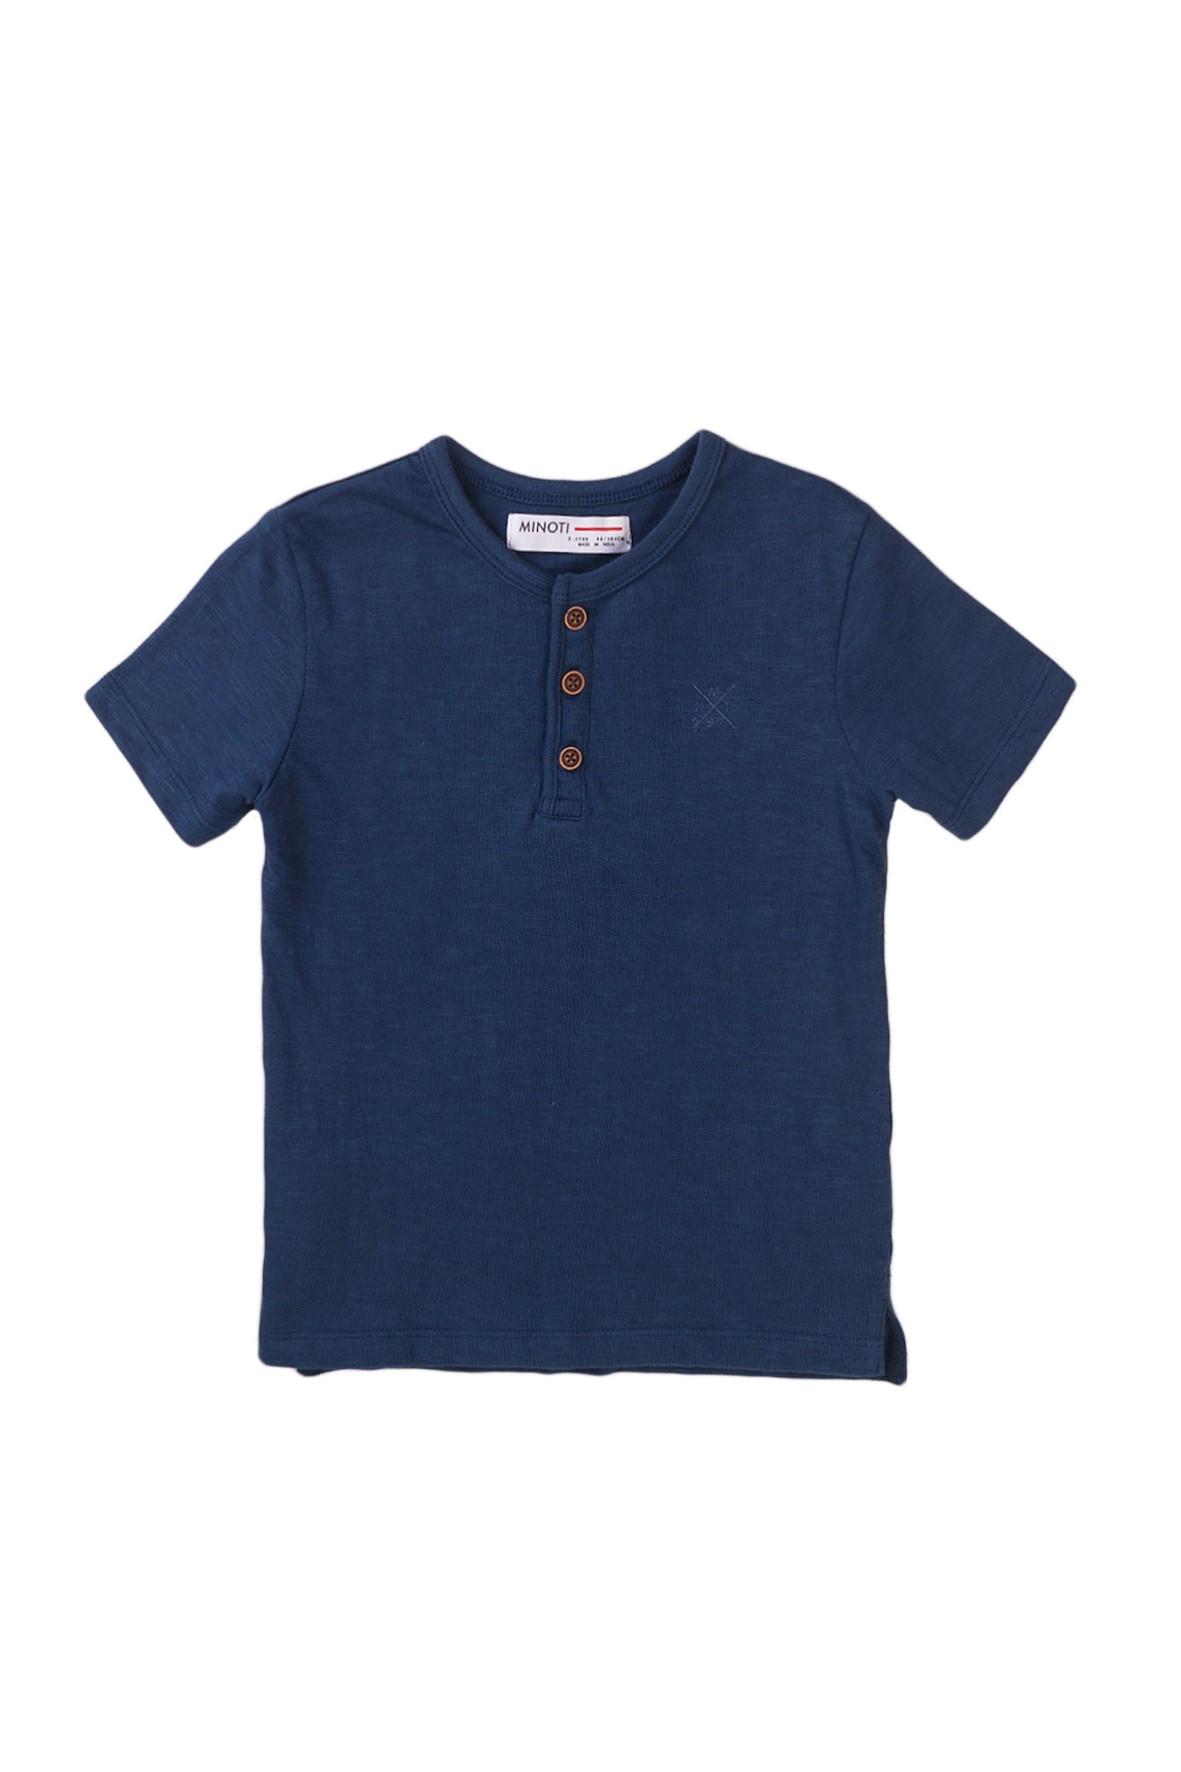 T-shirt chłopięcy bawełniany w kolorze granatowym